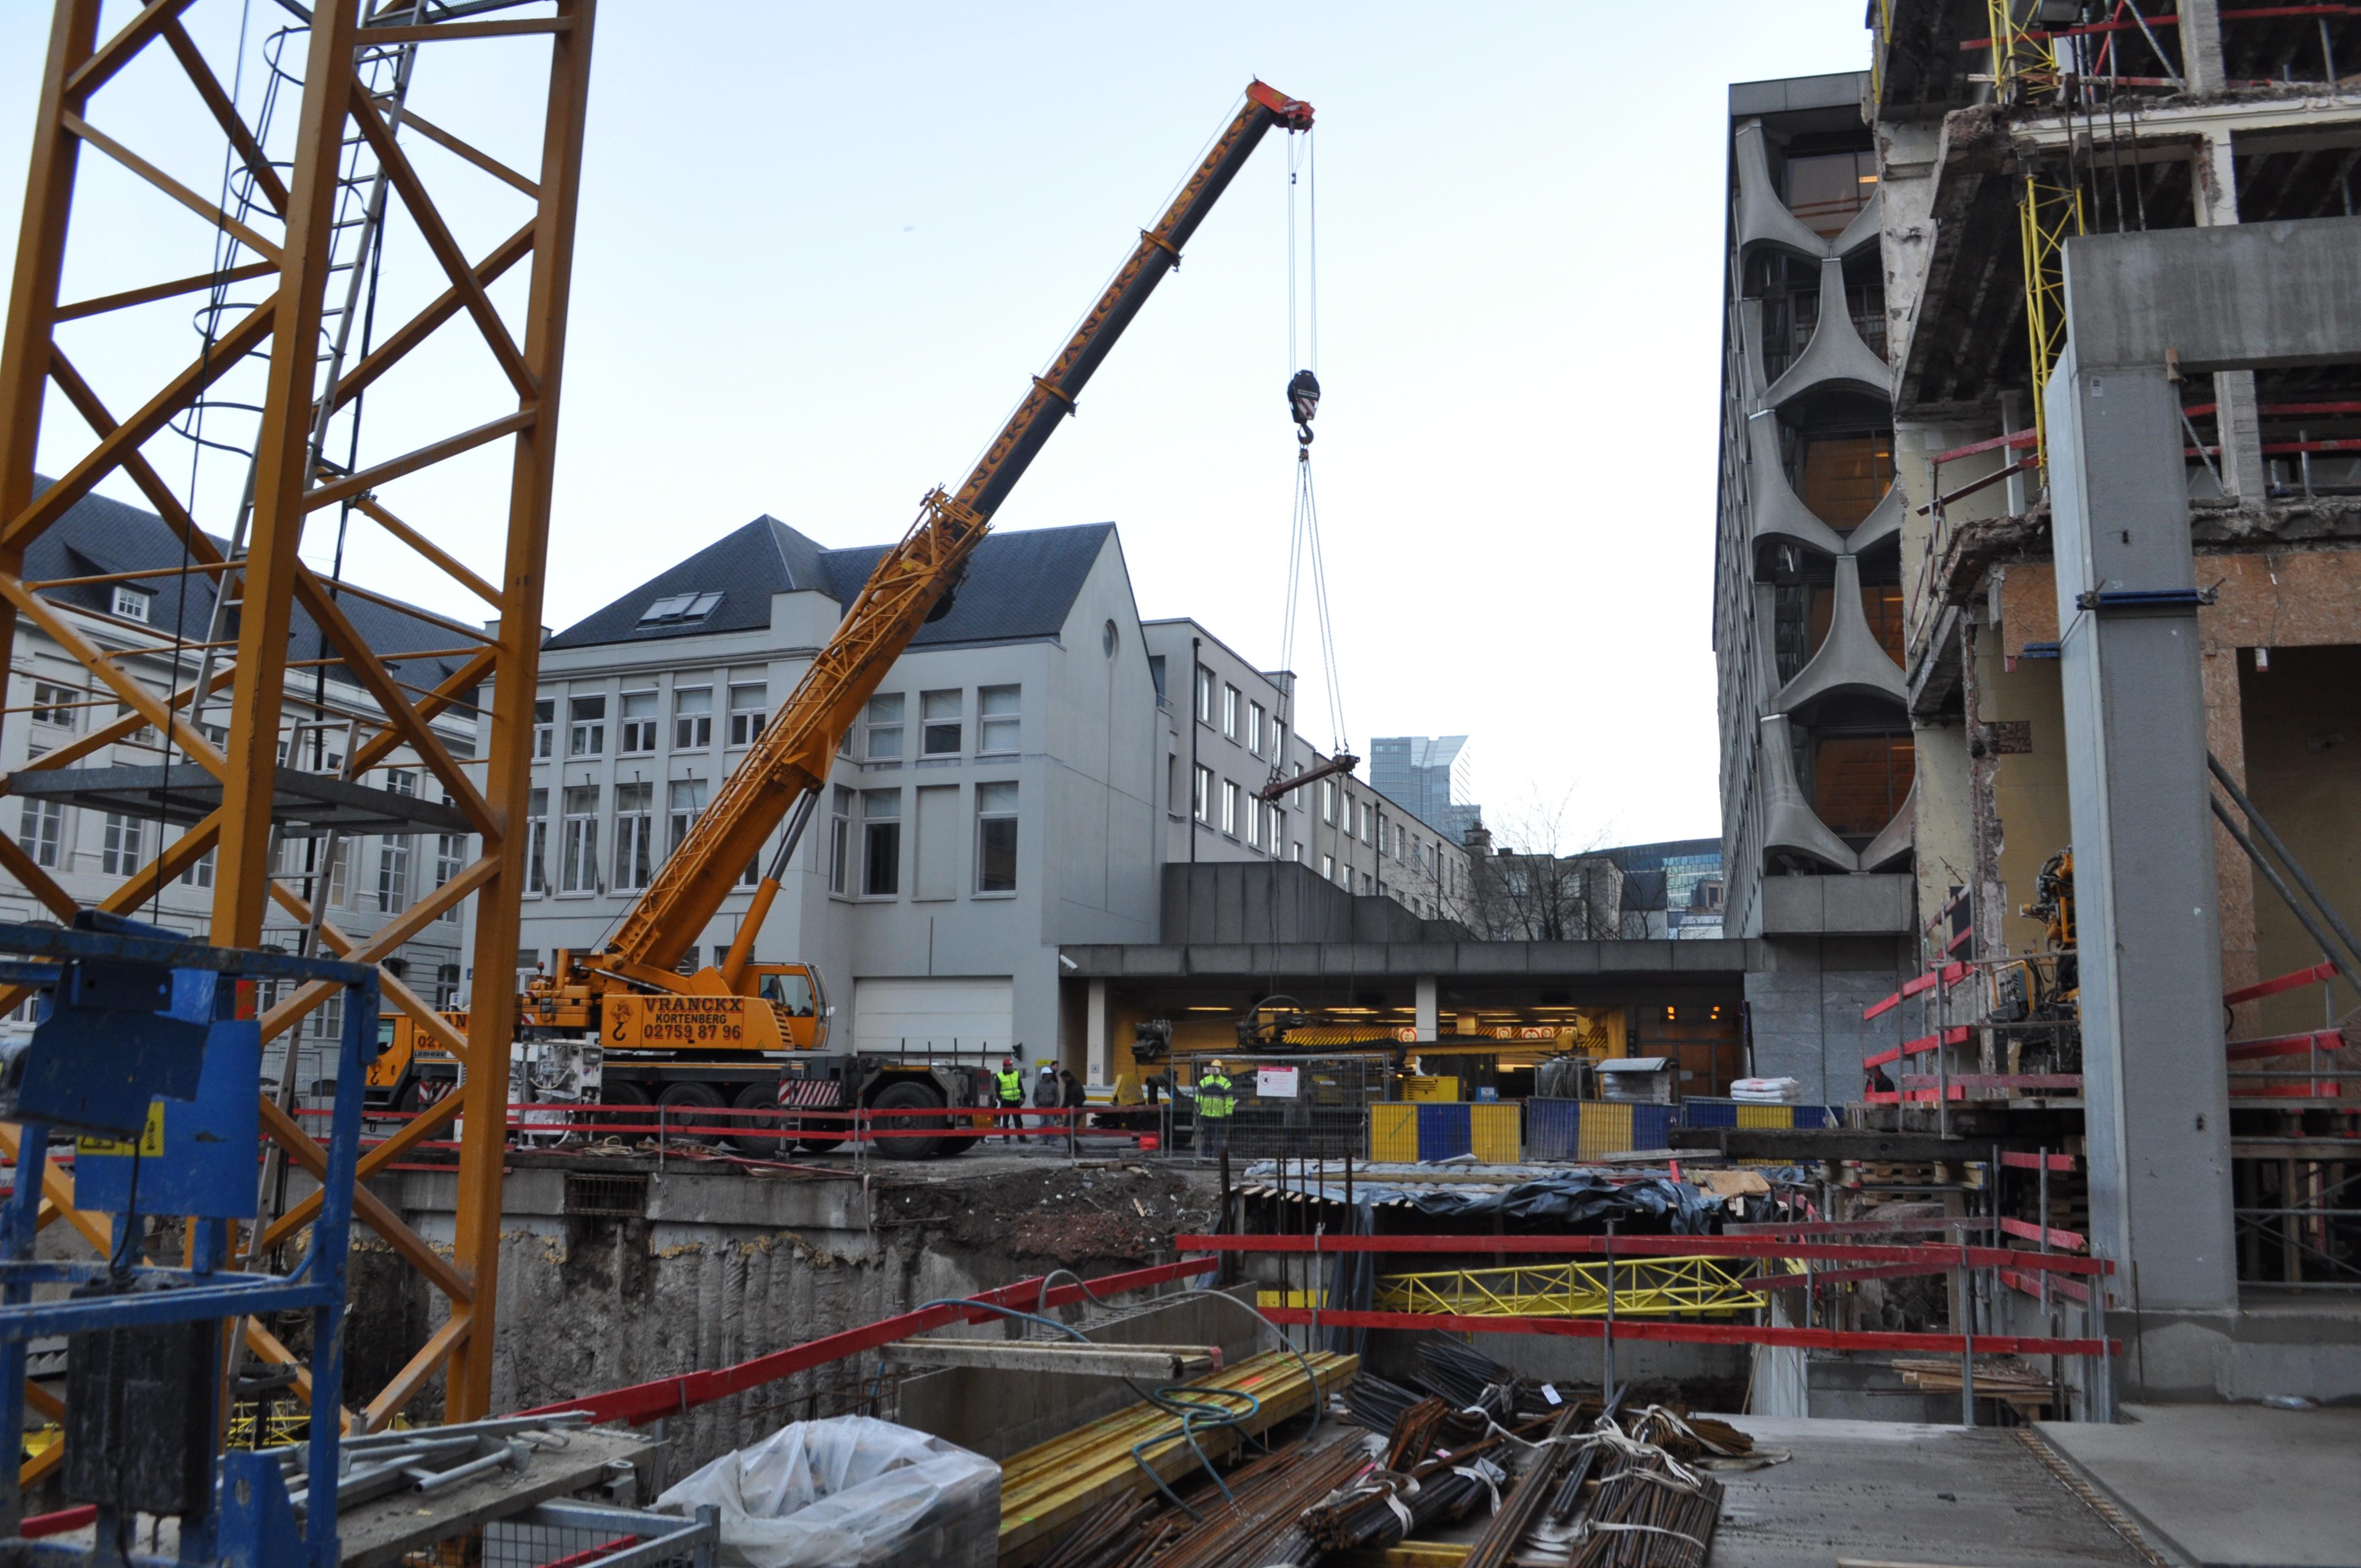 chantier-bruxelles-centre-forage-installation-pompe-puits-geothermie-eurodrill-liege-belgique-17